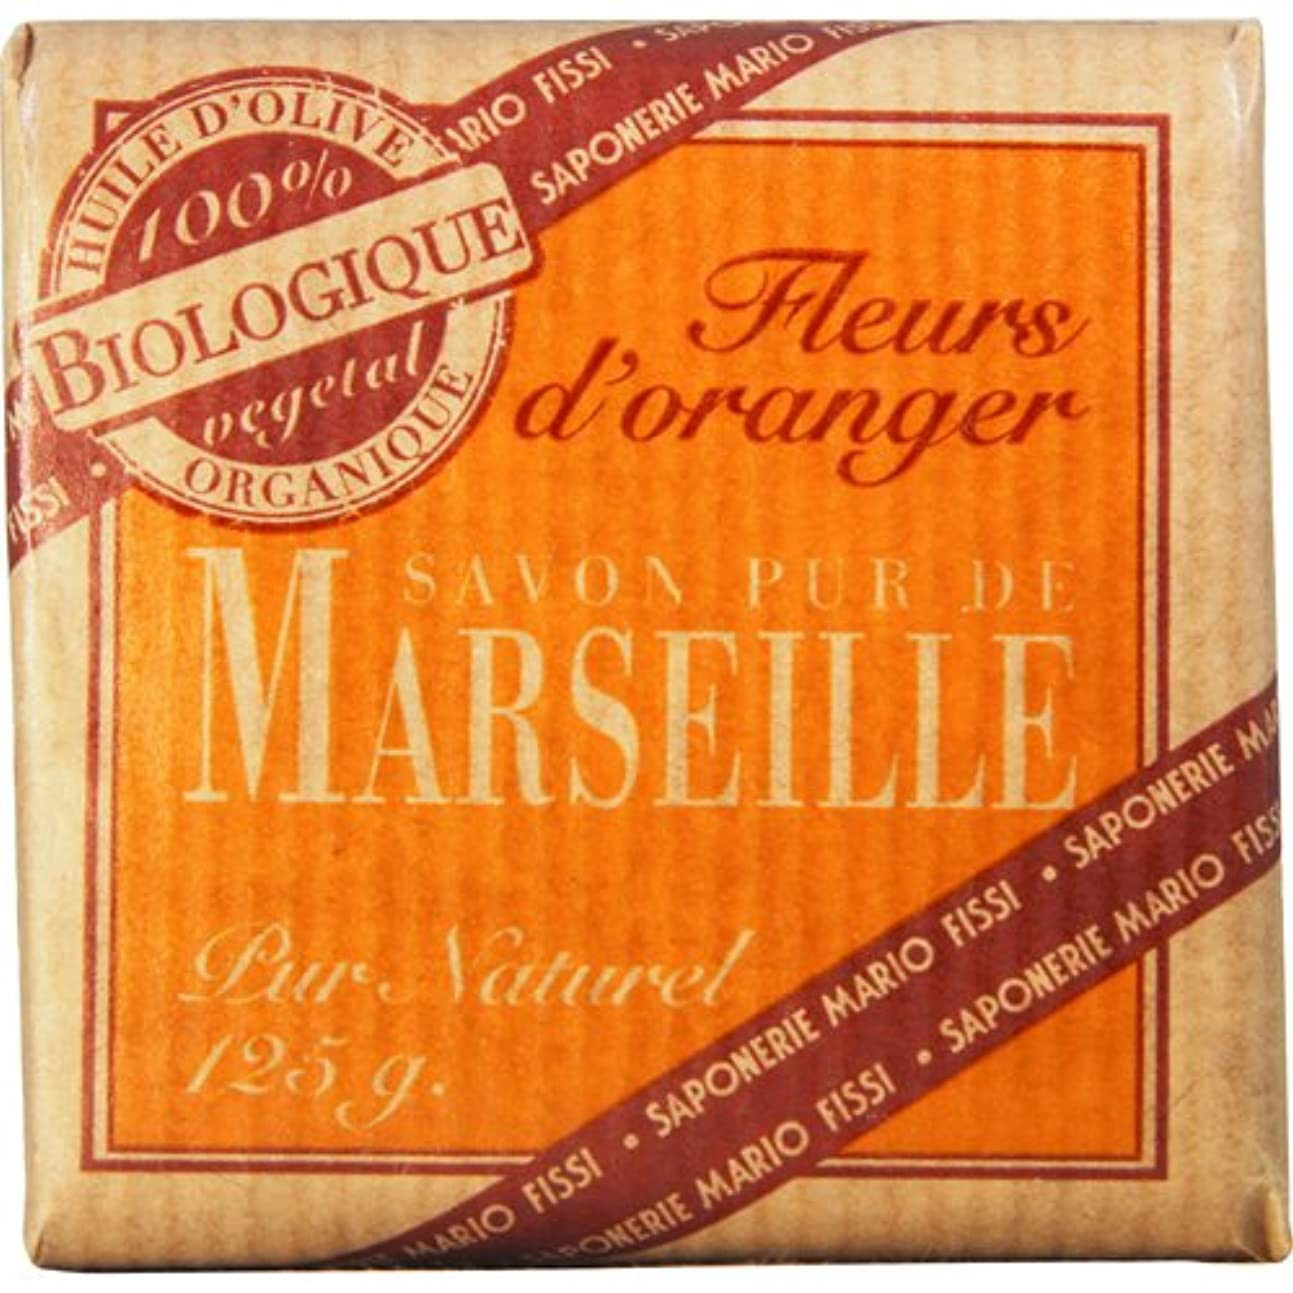 地質学感じるハムSaponerire Fissi マルセイユシリーズ マルセイユソープ 125g Orange Flower オレンジフラワー